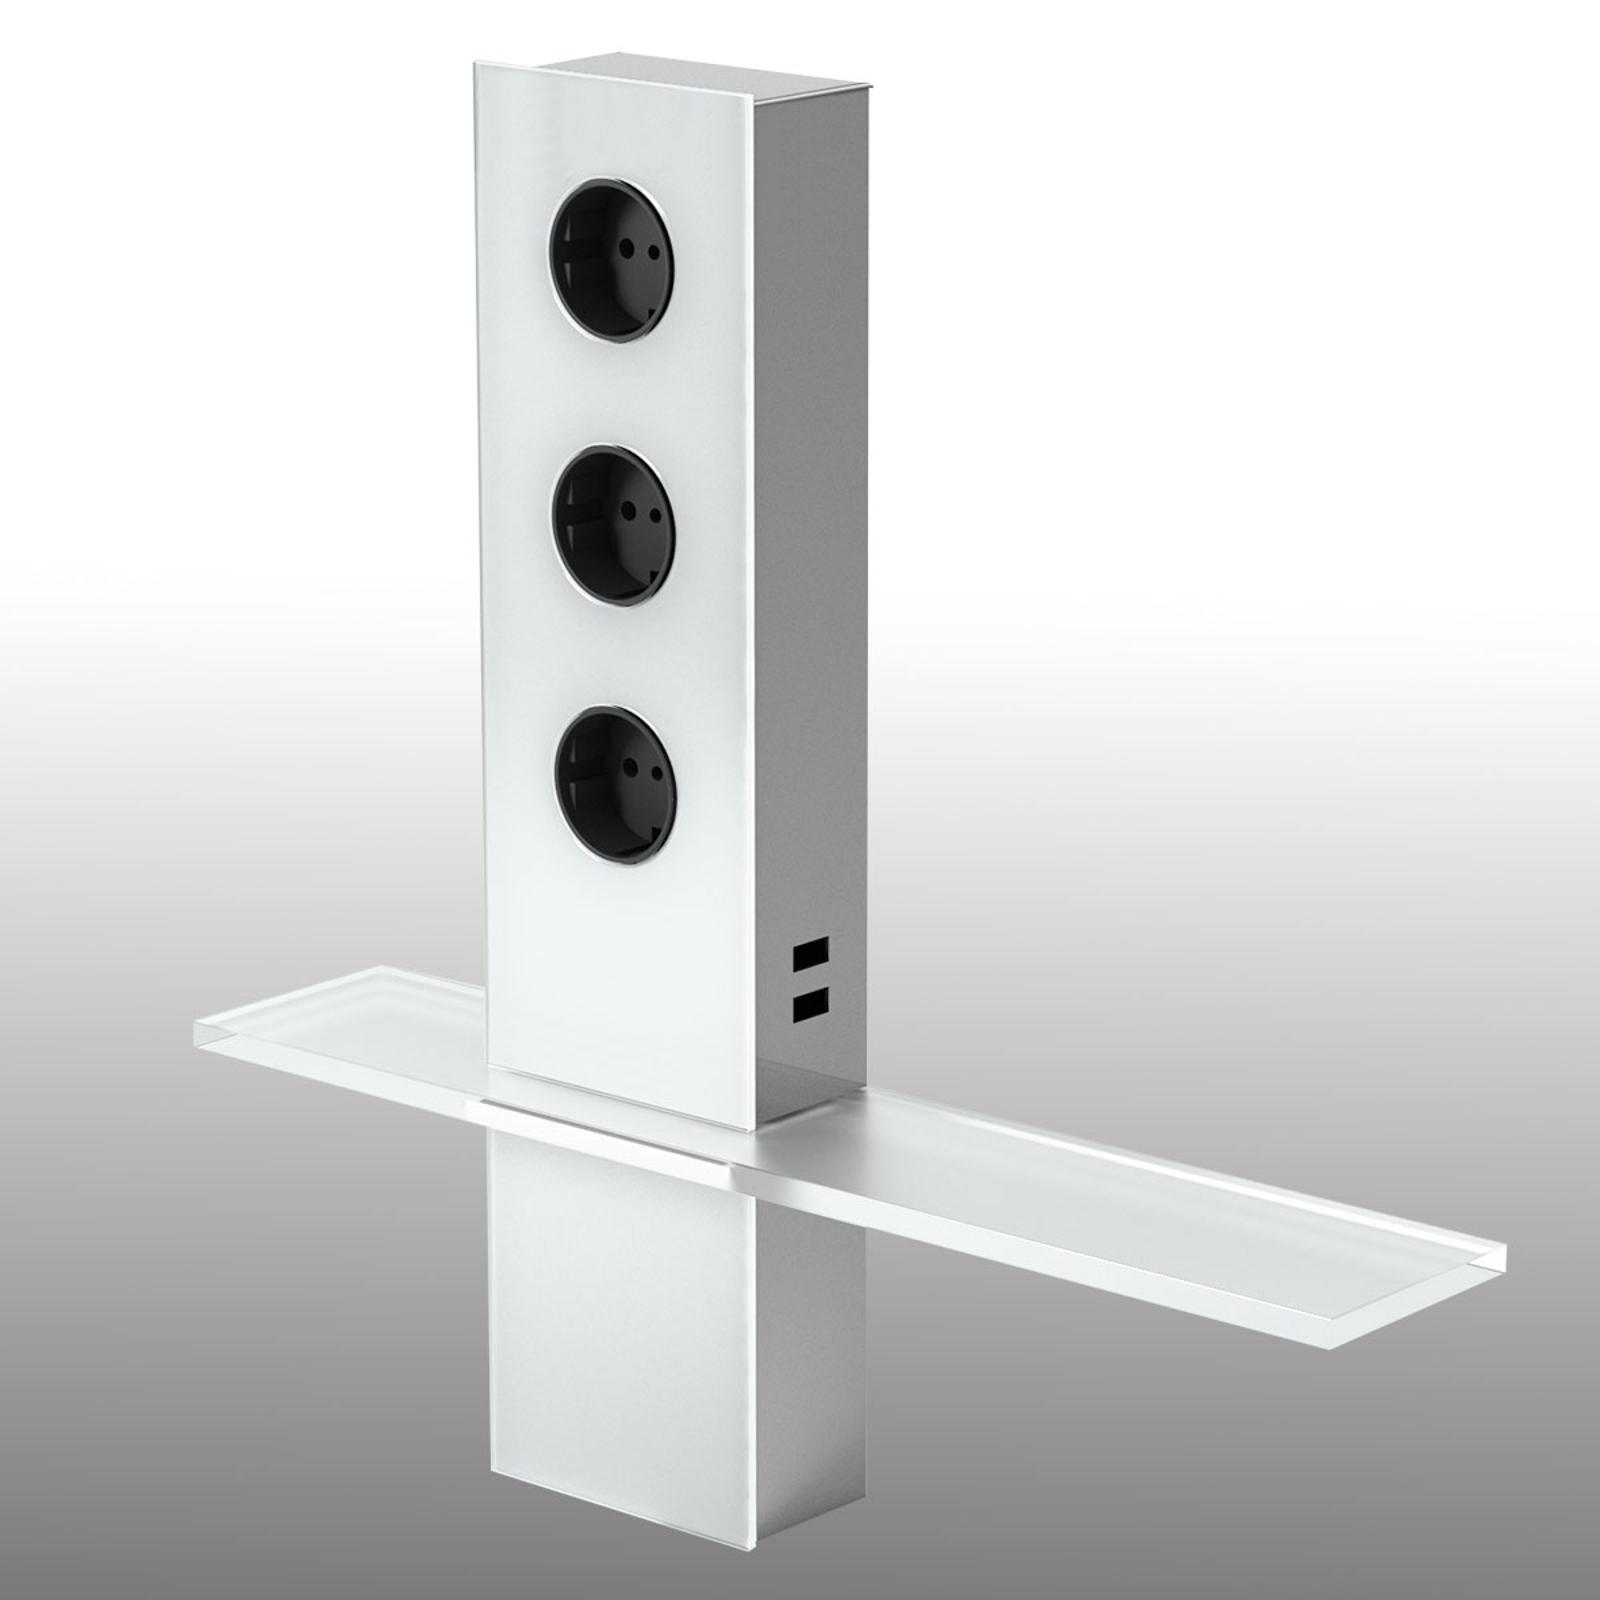 3-Pack uttagstorn Power med USB och yta